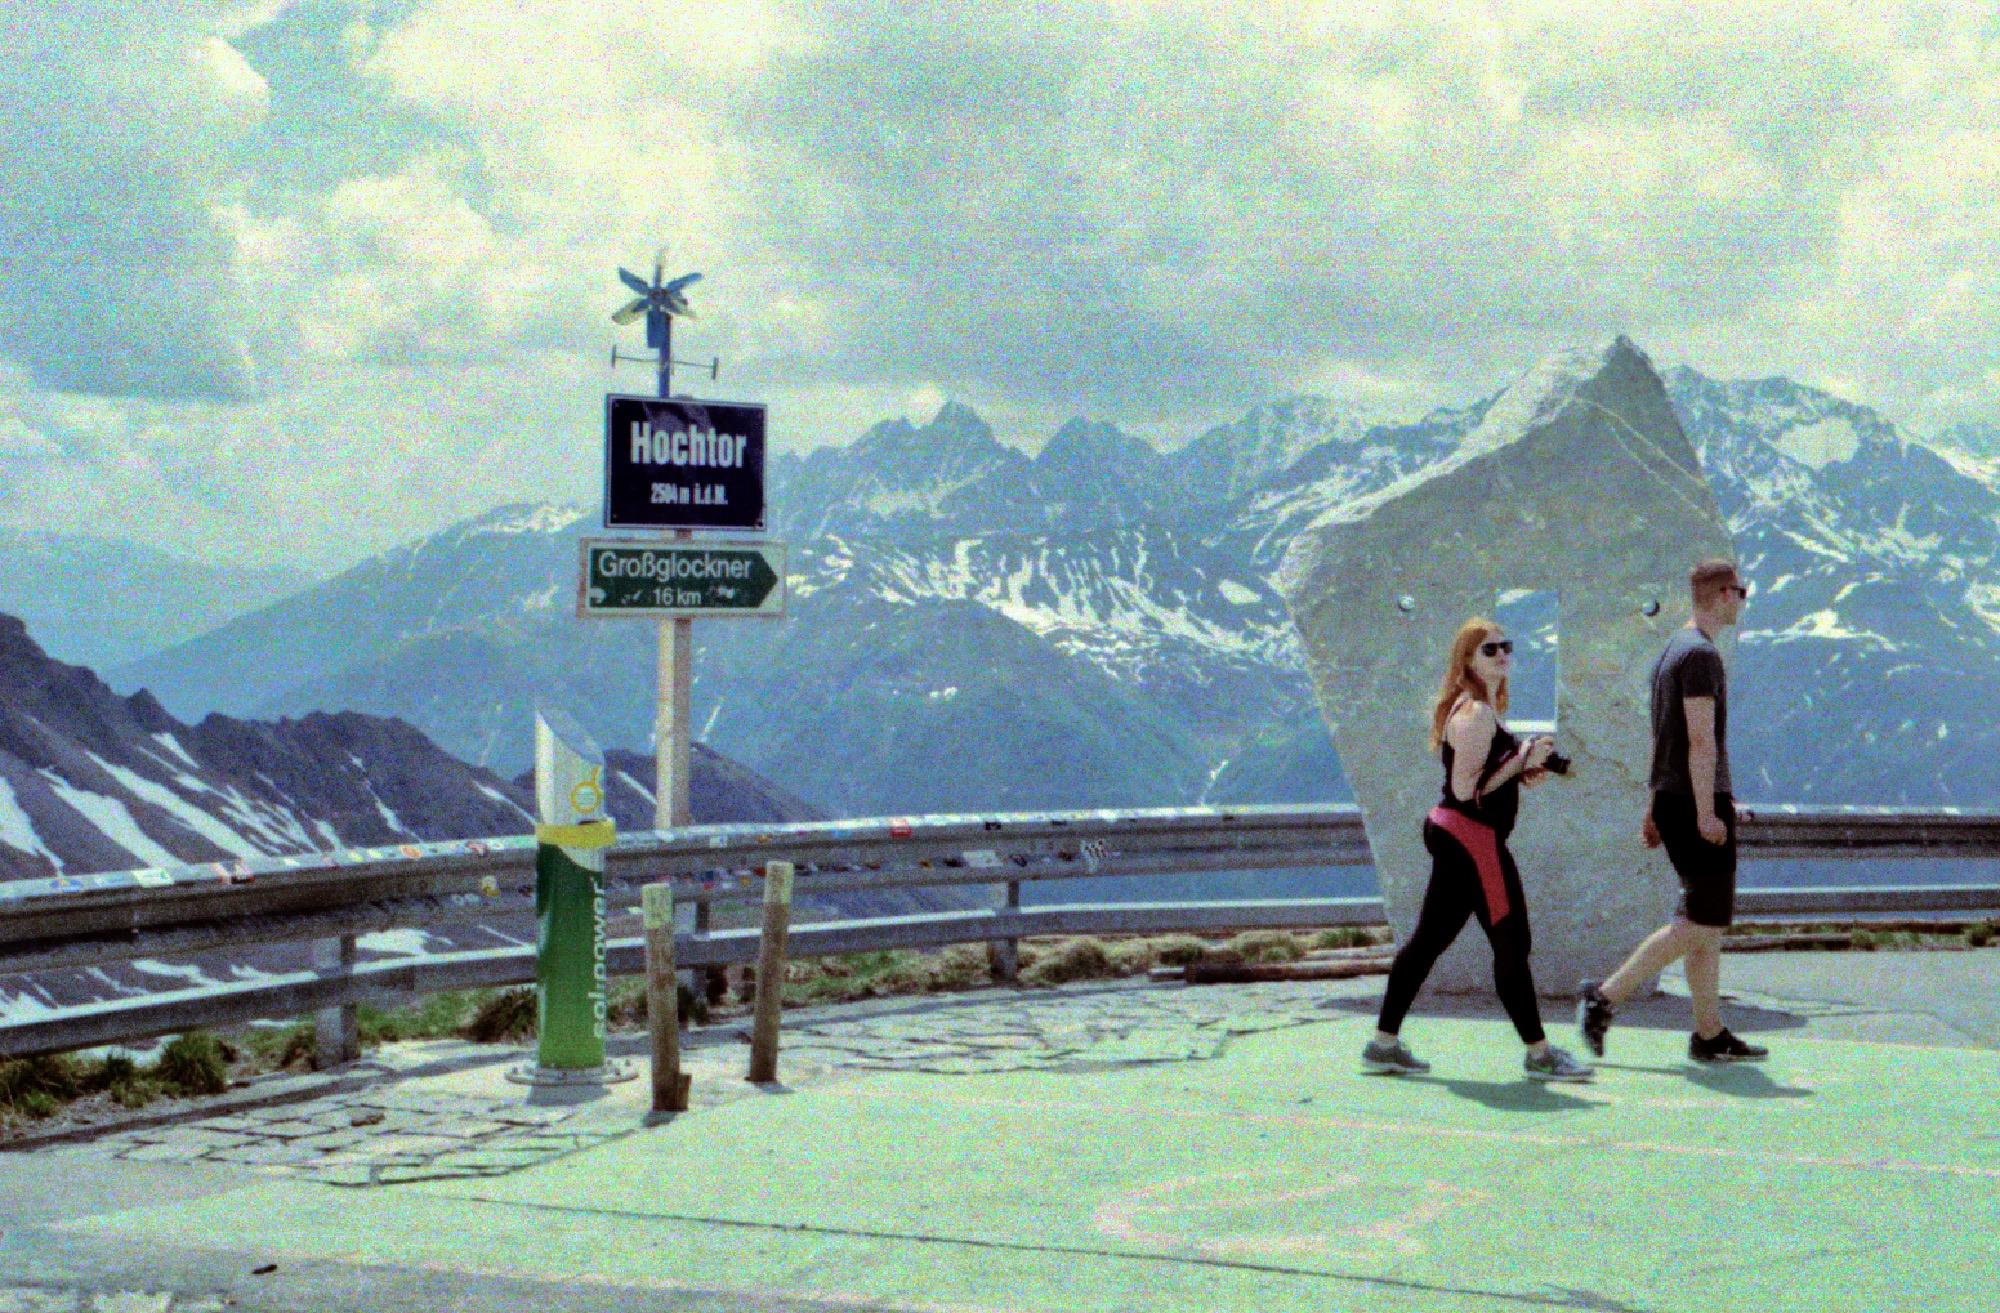 Großglockner: Hiking am Hochtor